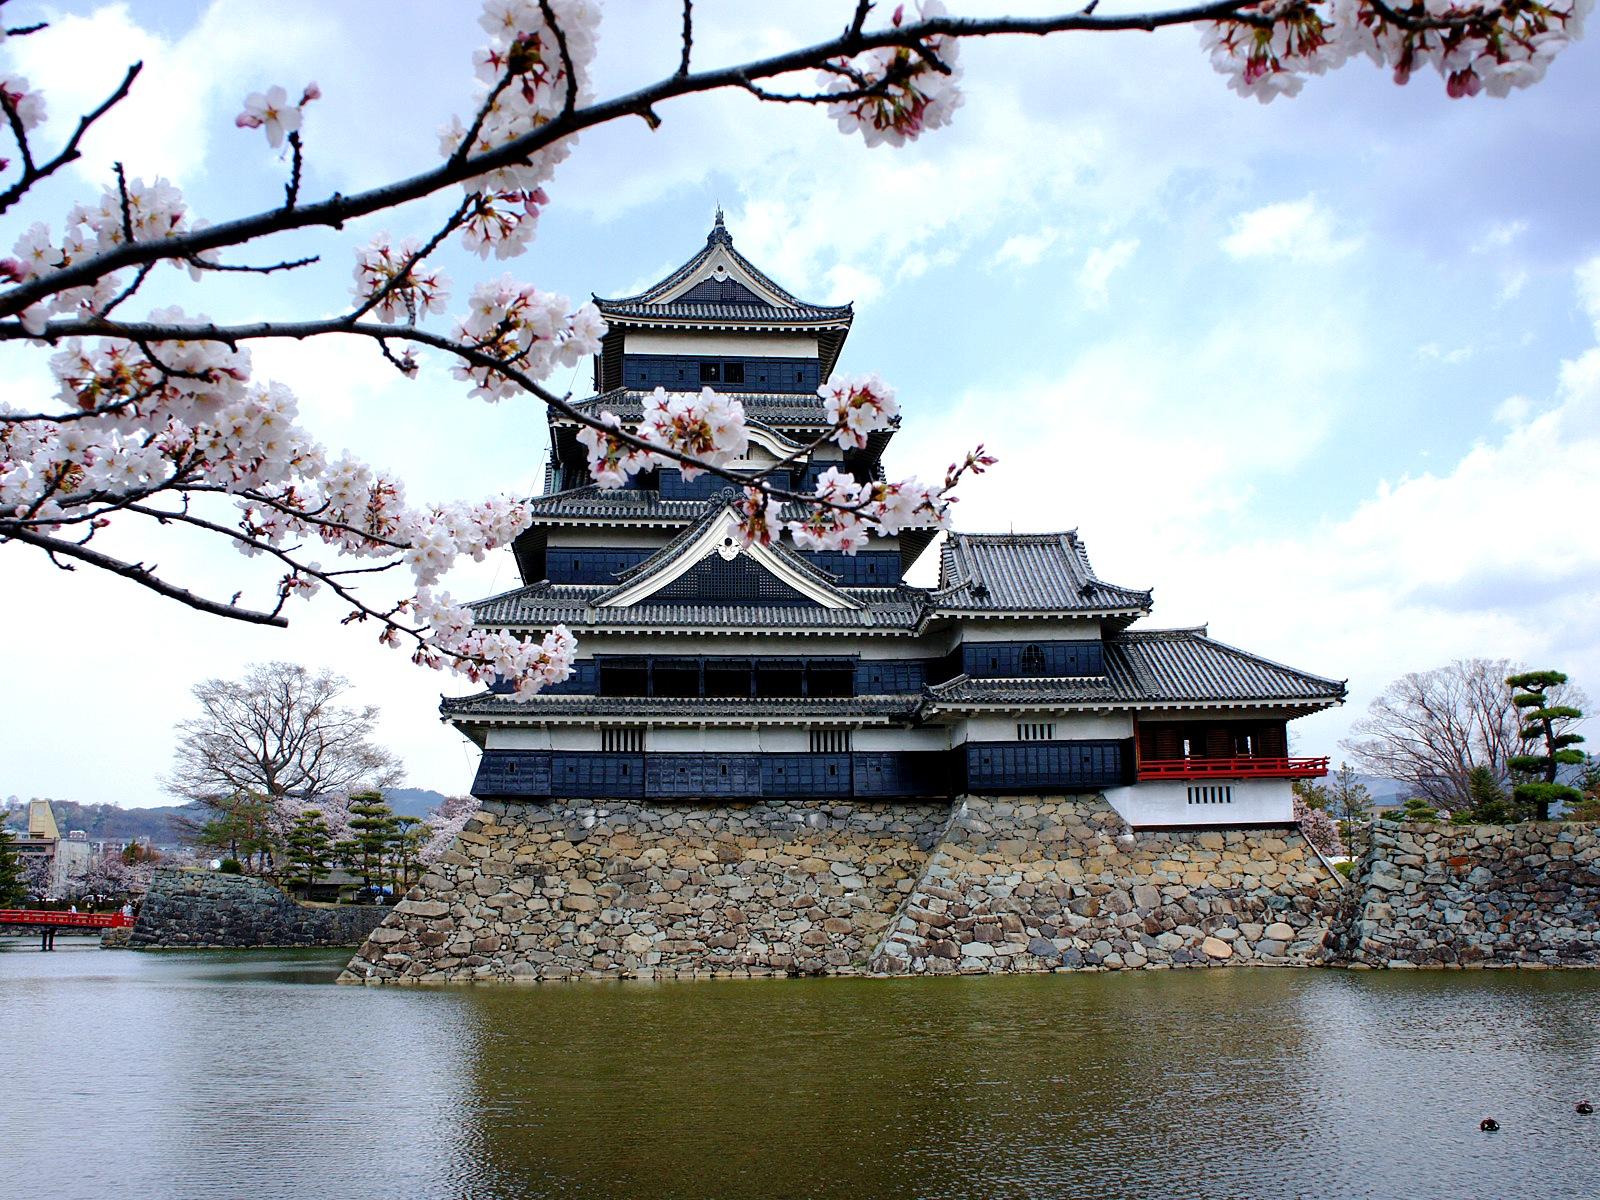 замок и ветвь сакуры